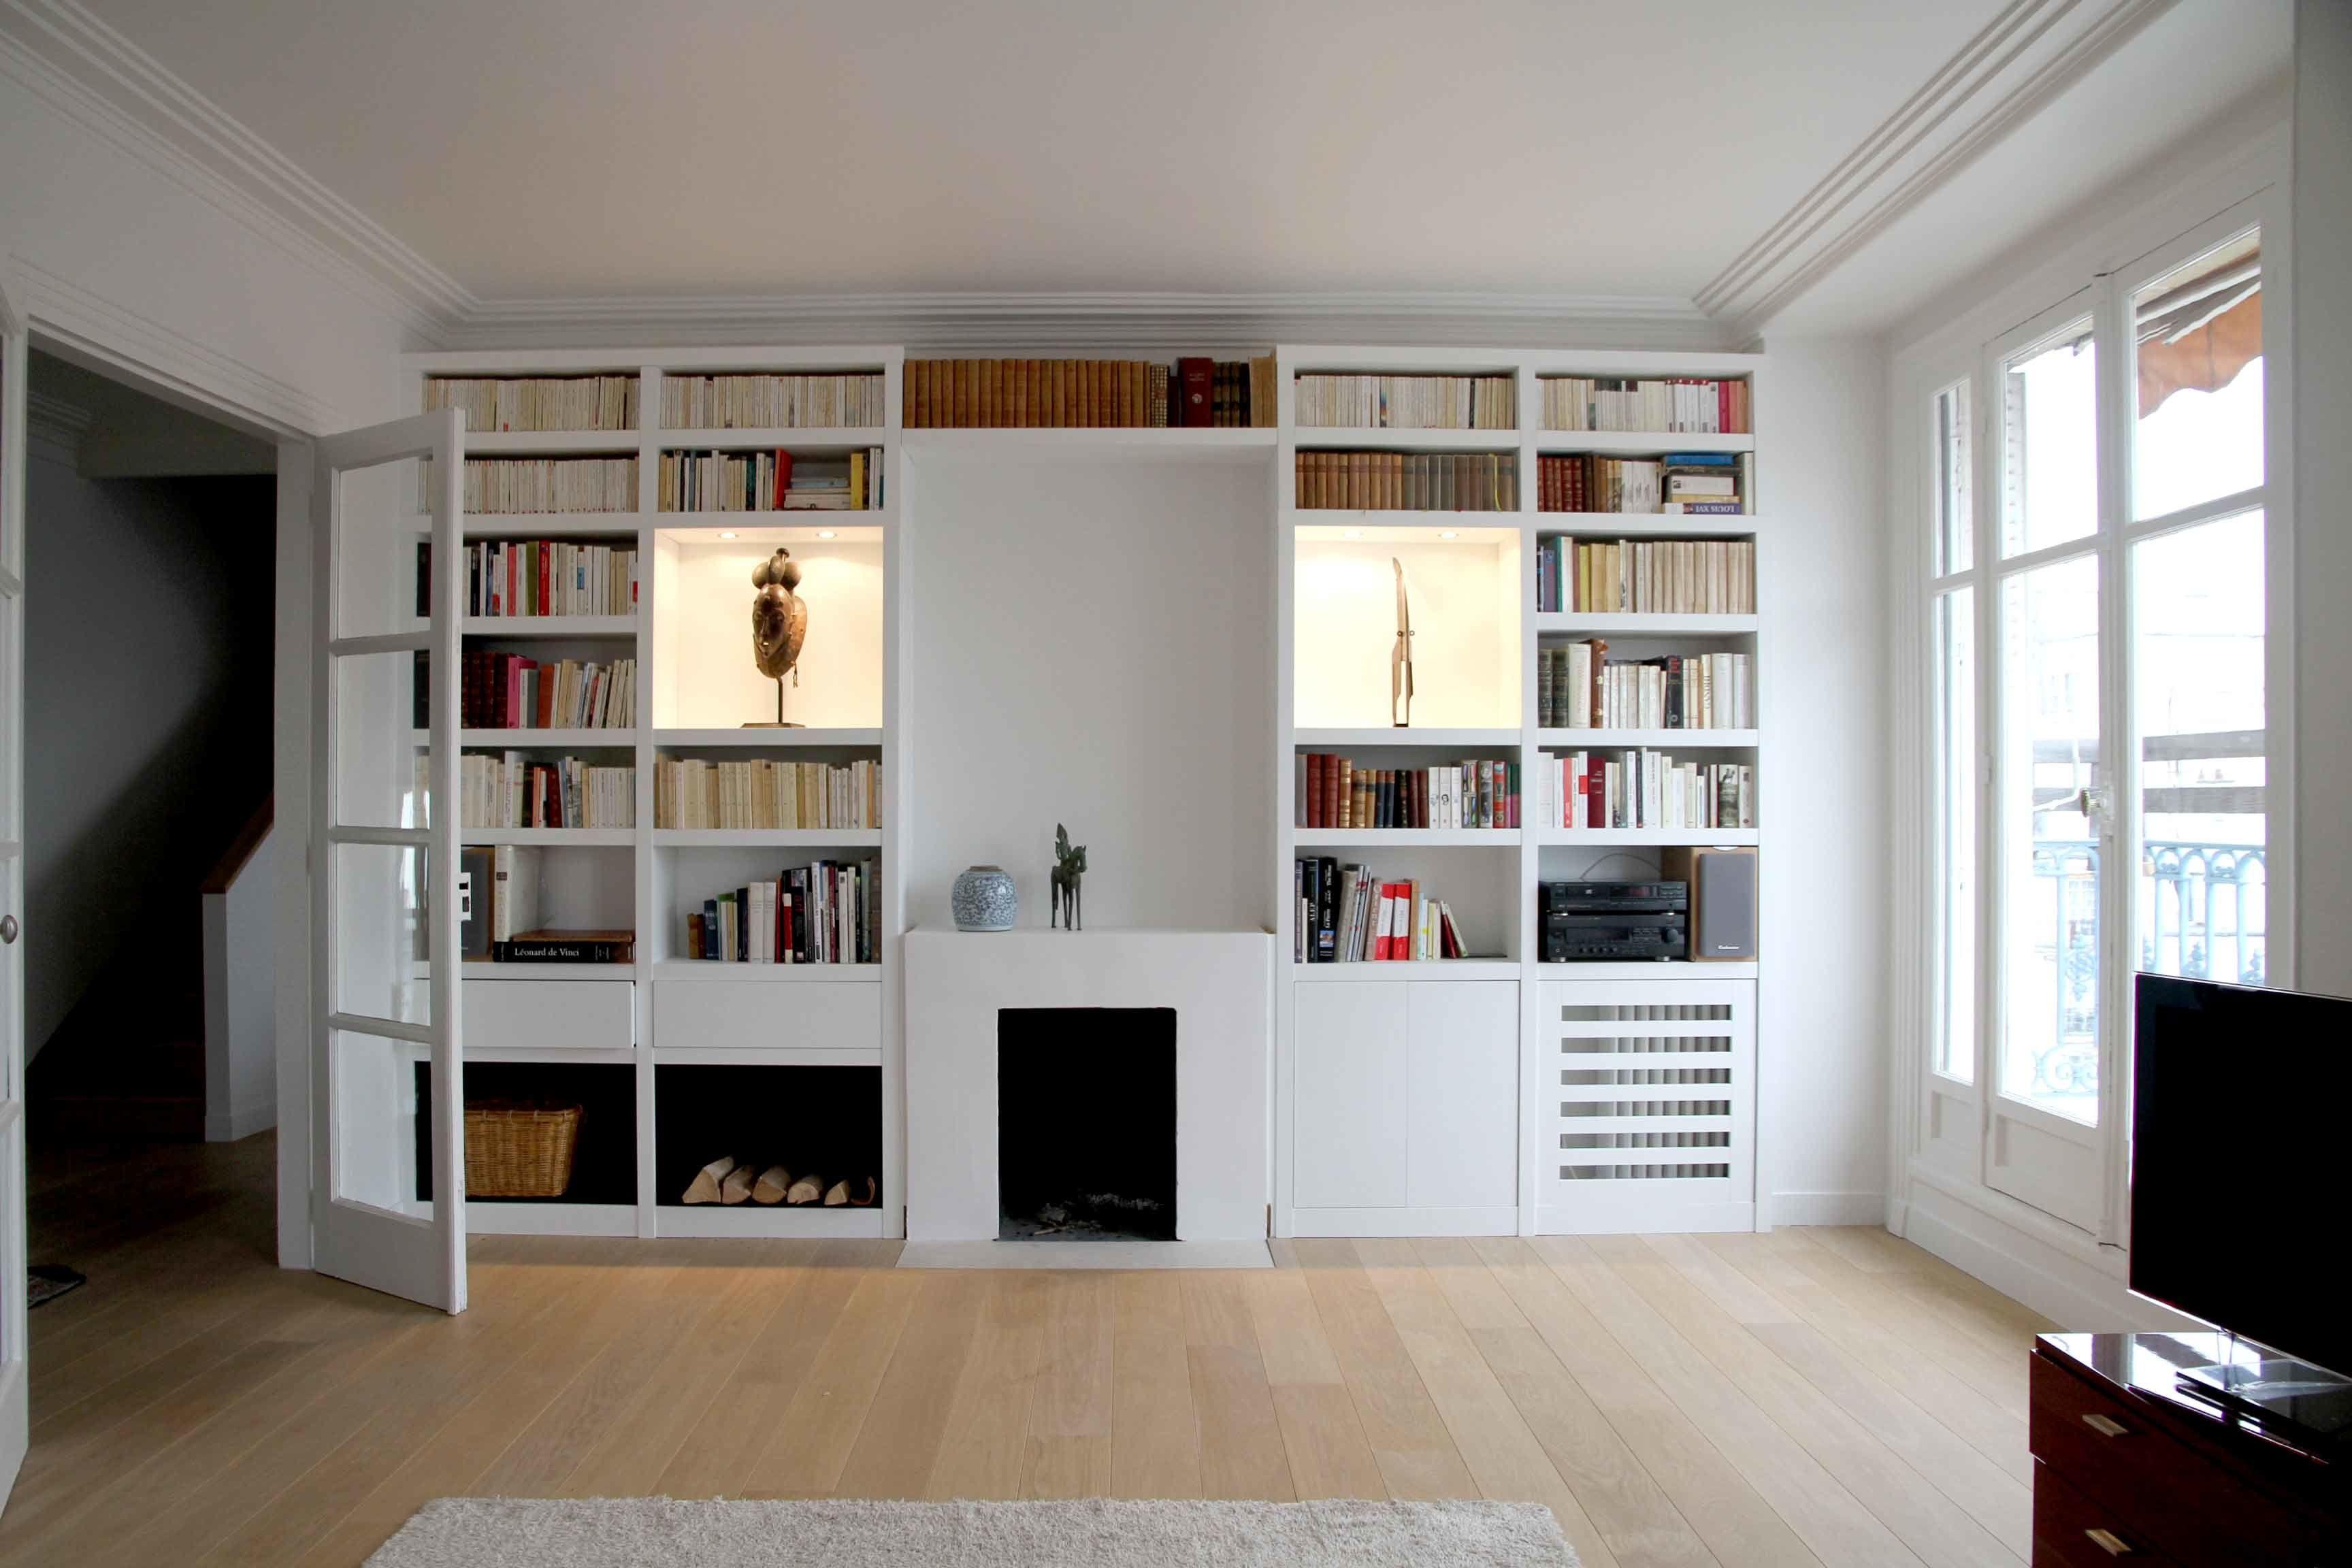 Bibliotheque Sur Mesure Paris Nantes Lorient Vannes Cache Radiateur Design Cheminee En Brique Relooking Cache Radiateur